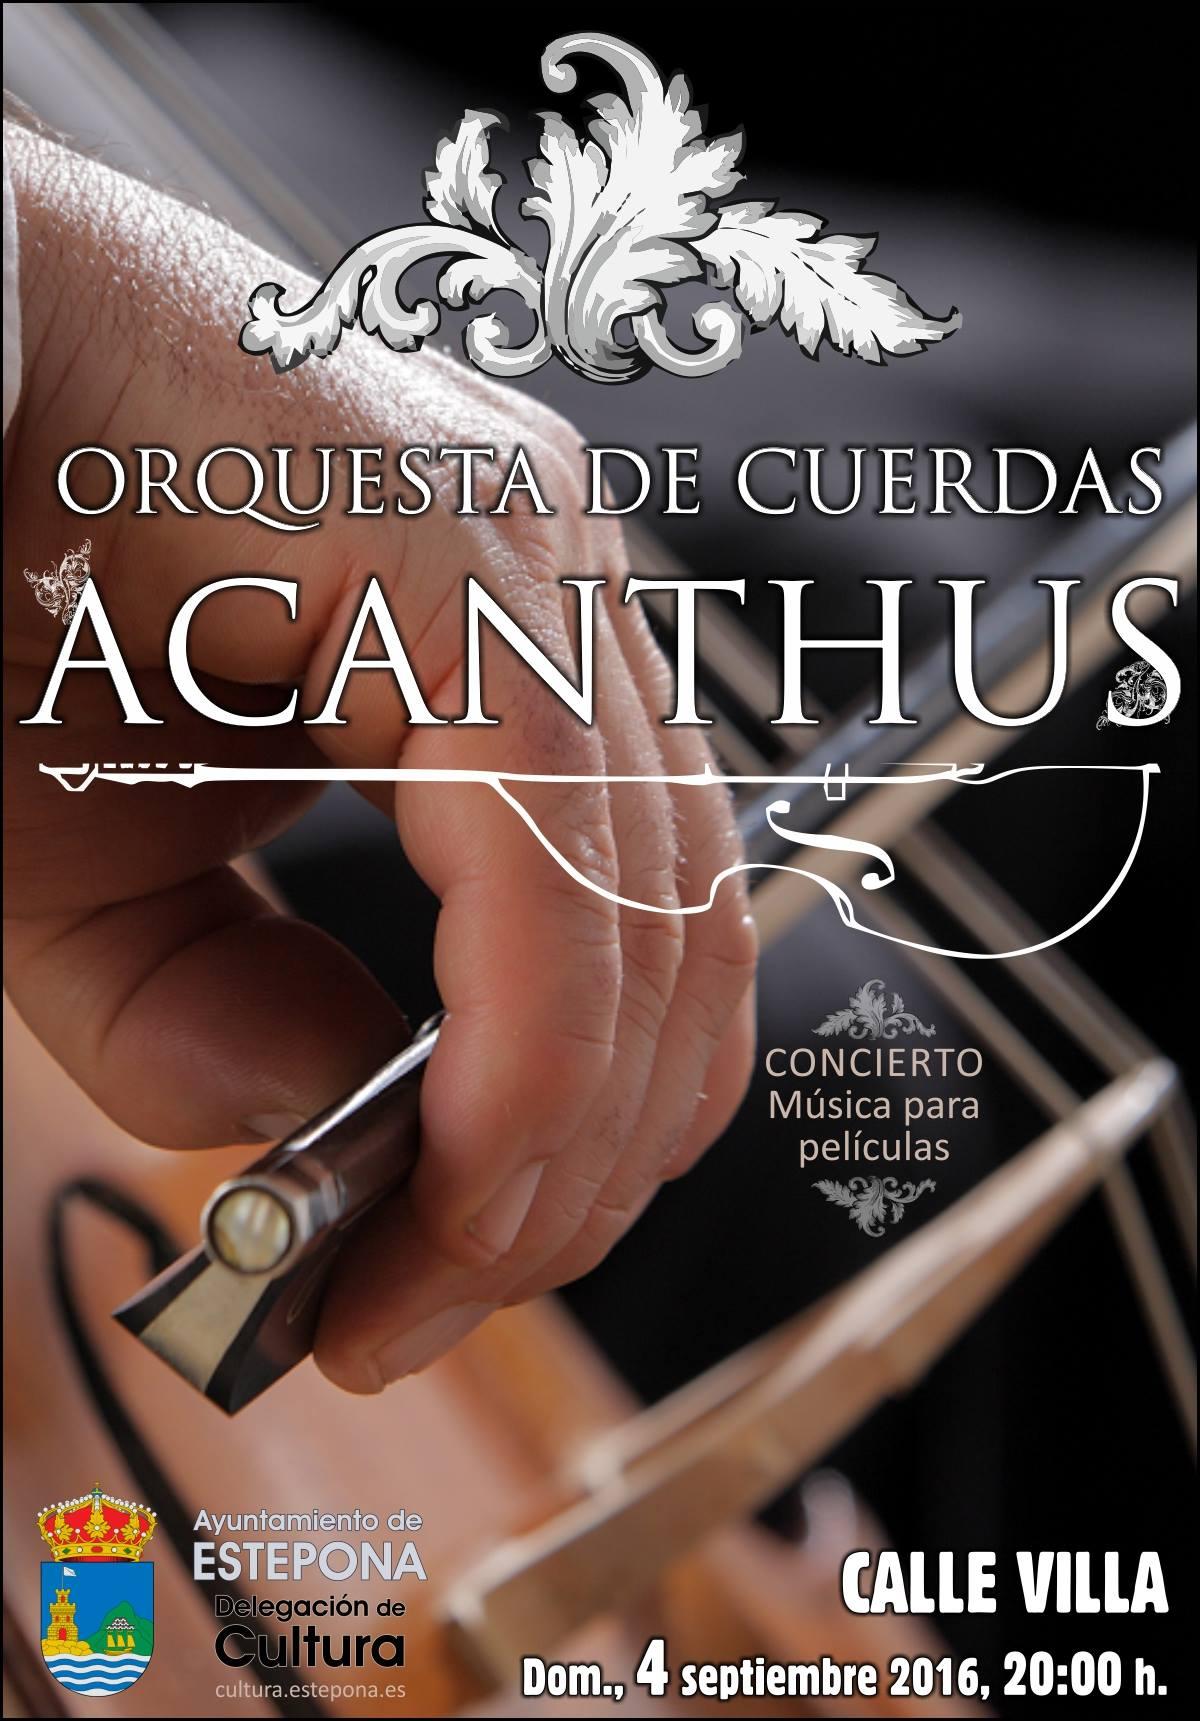 concierto-cesar-benito-orquesta-acanthus-estepona.jpg